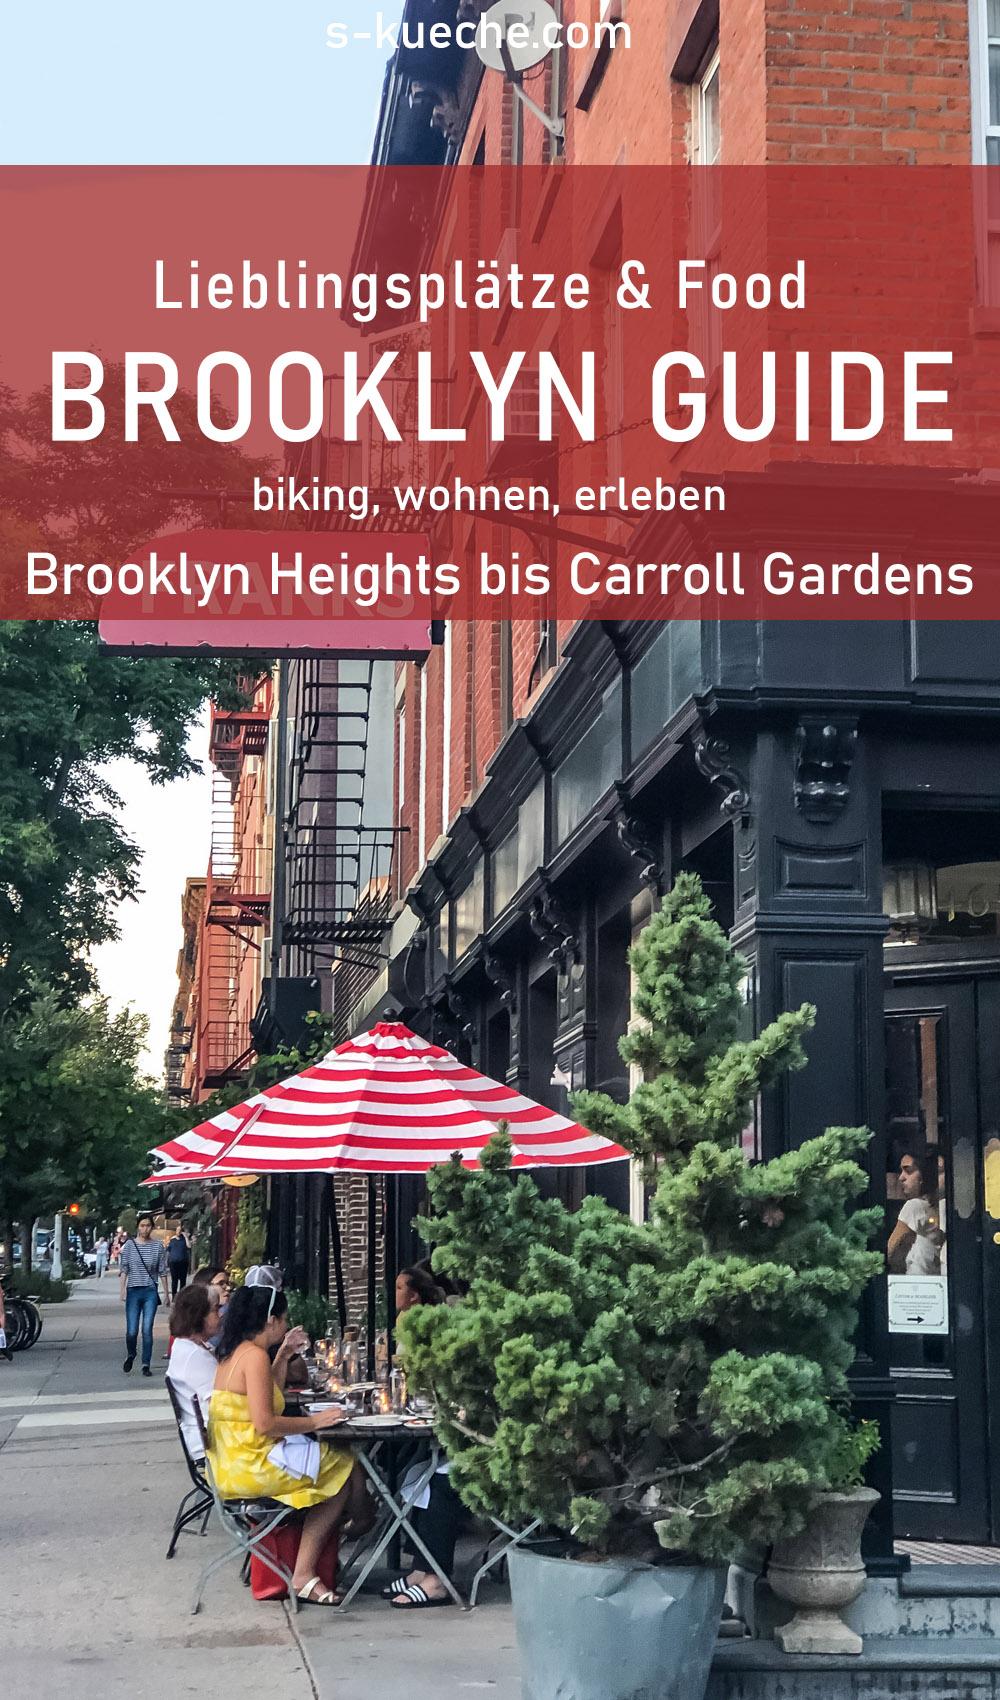 Brooklyn Guide: Lieblingsorte & Food für die New York Reise - von Brooklyn Heights bis Caroll Gardens unterwegs per Bike, Schiff und zu Fuß